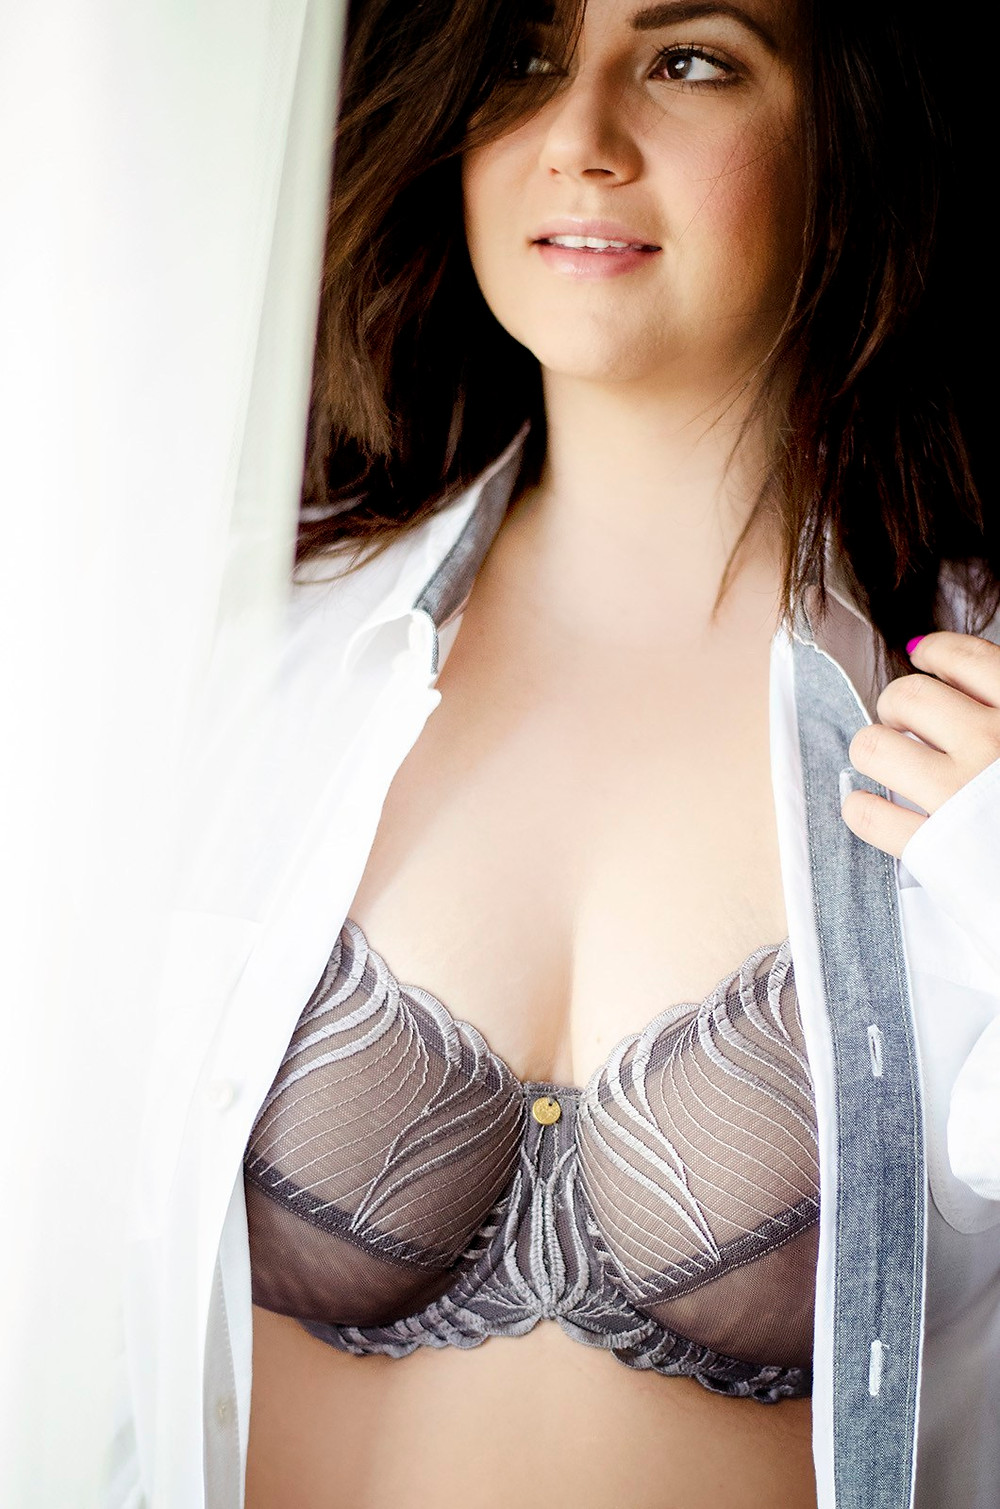 plus size lingerie natori plus support blogger crystal coons sometimes glam plus size bras plus size underwear plus size panties